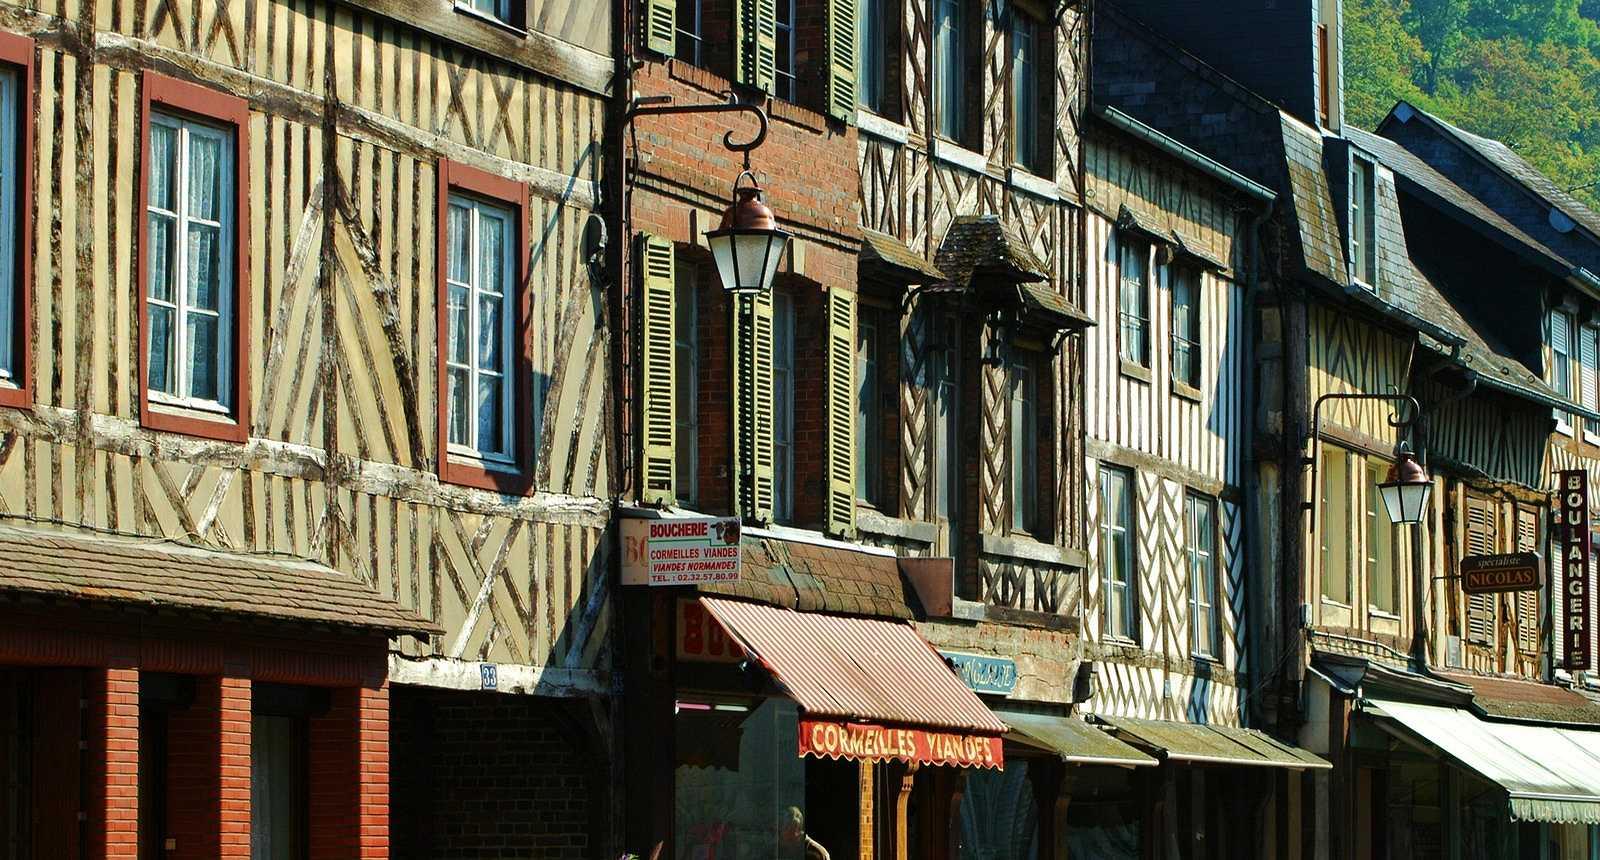 Jolies façades du village de Cormeilles